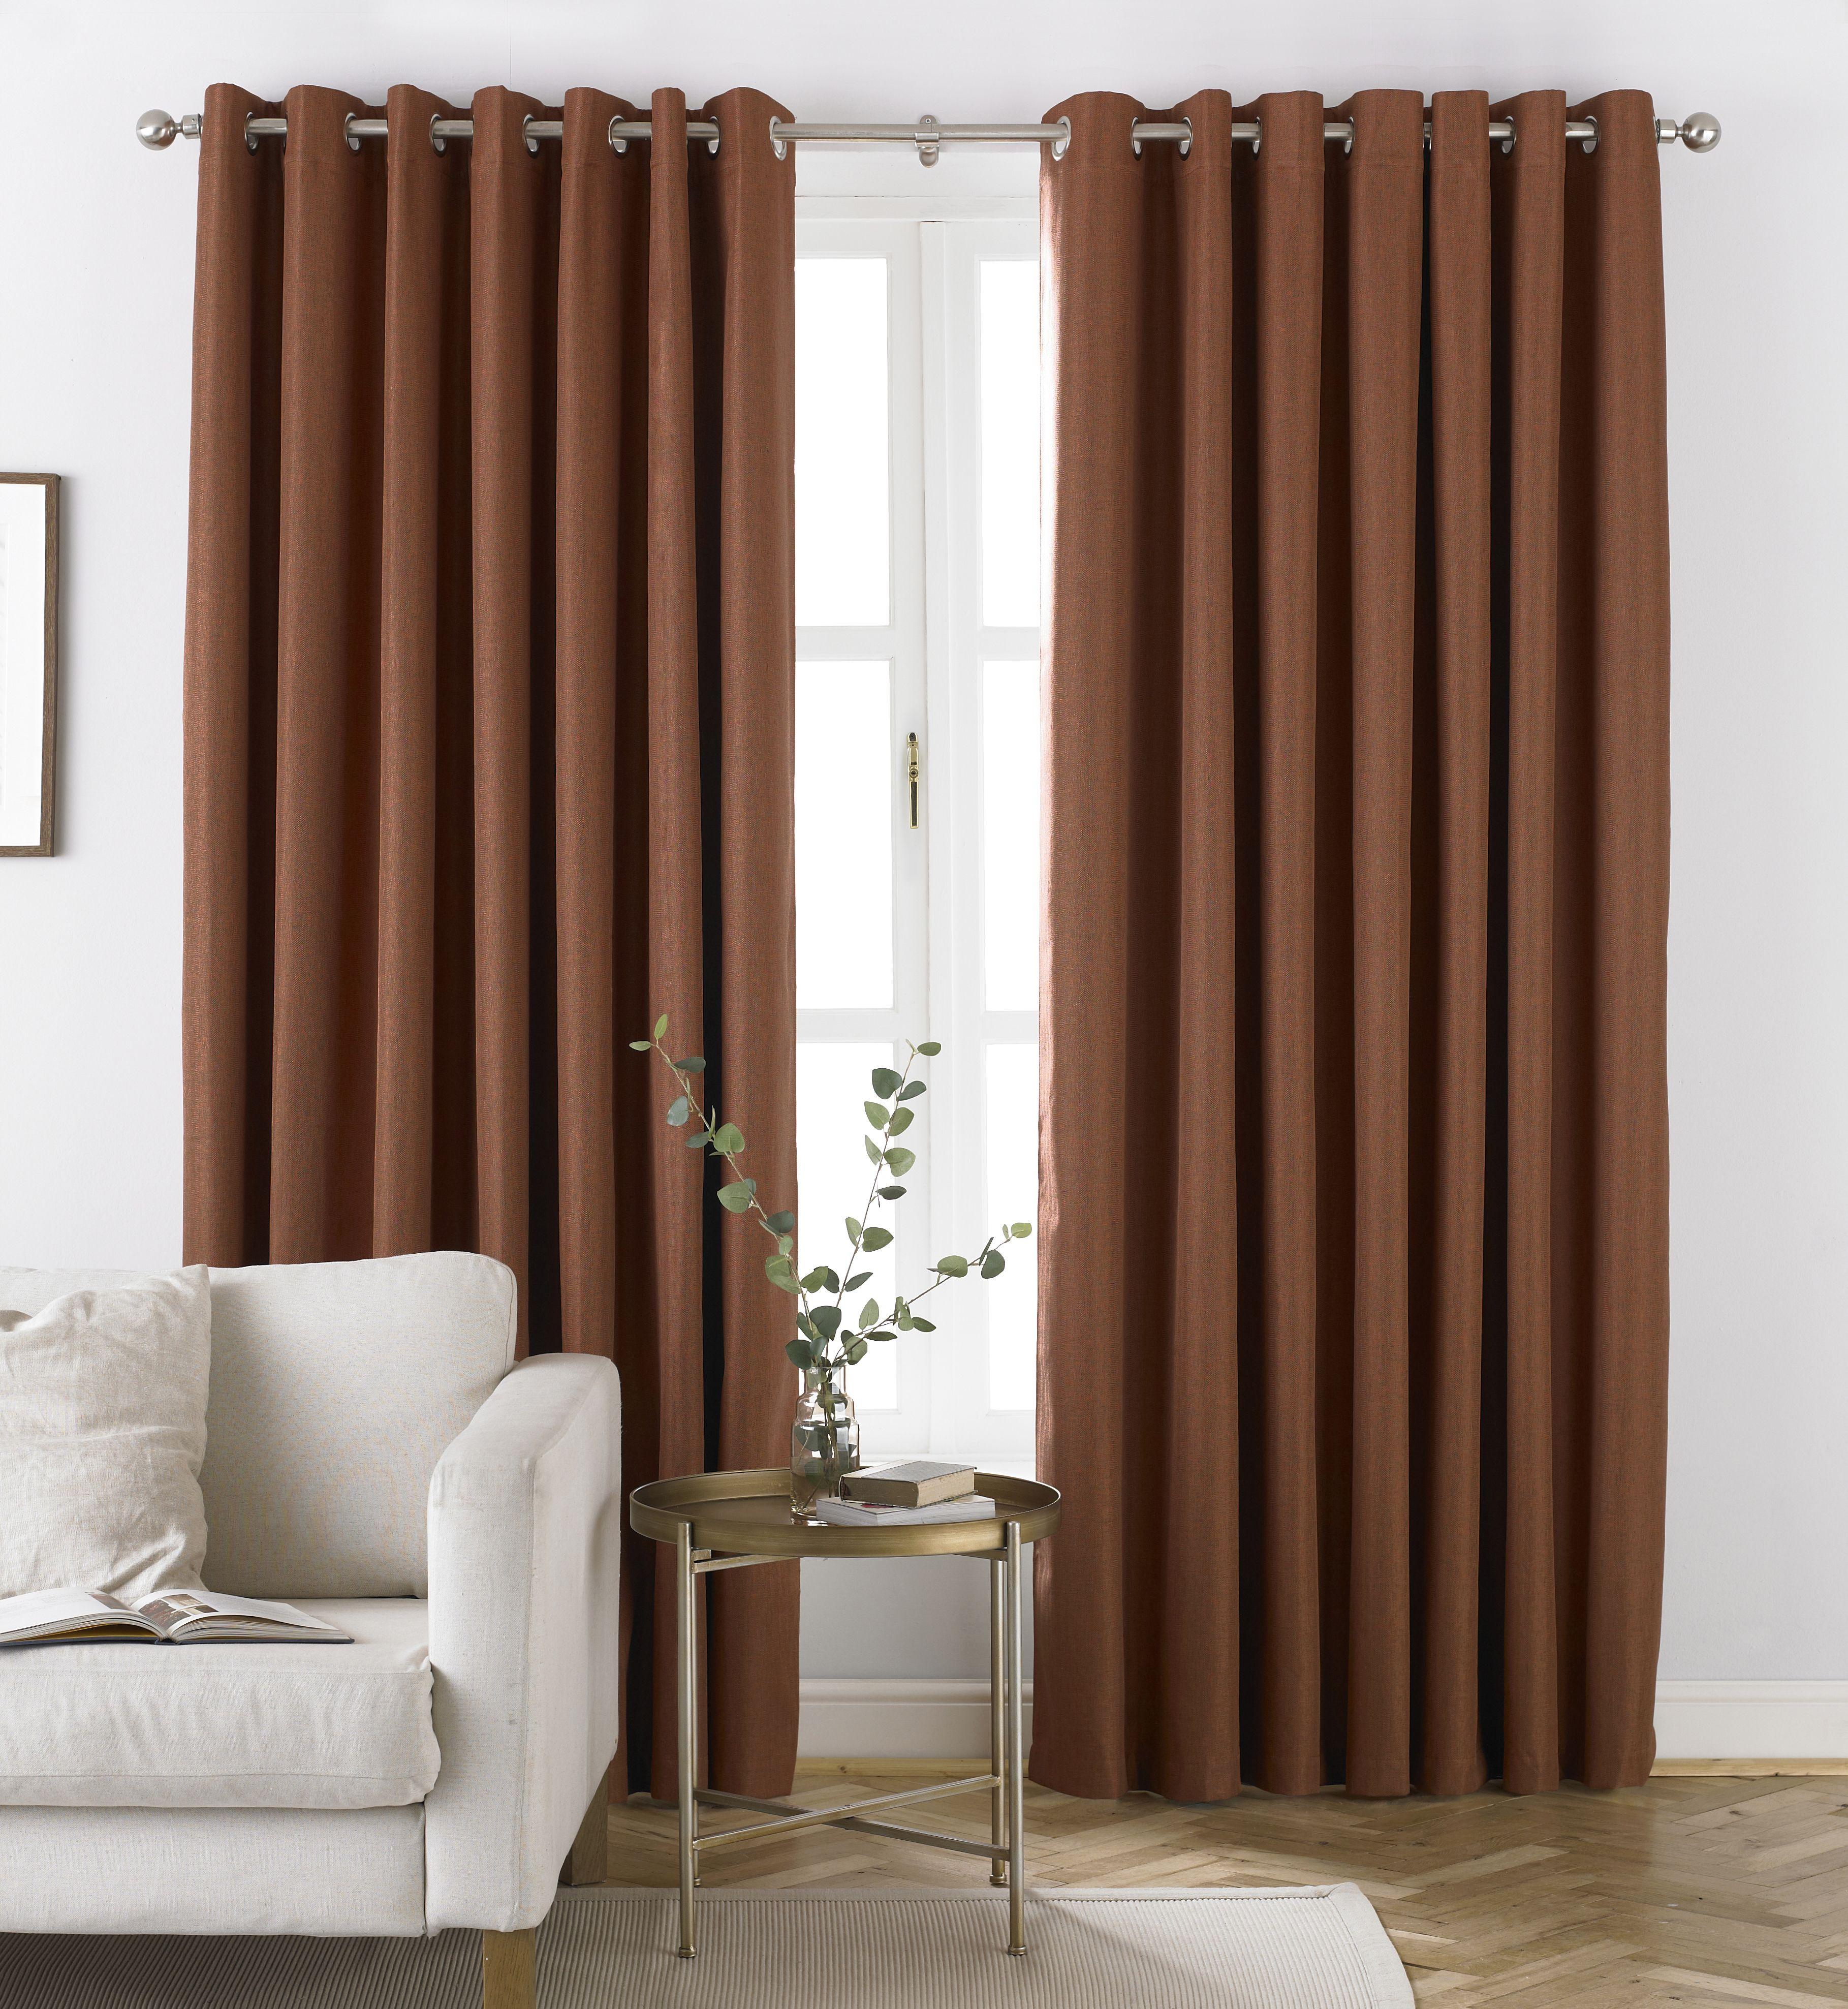 Moon Herringbone Blackout Eyelet Curtains in Burnt Orange